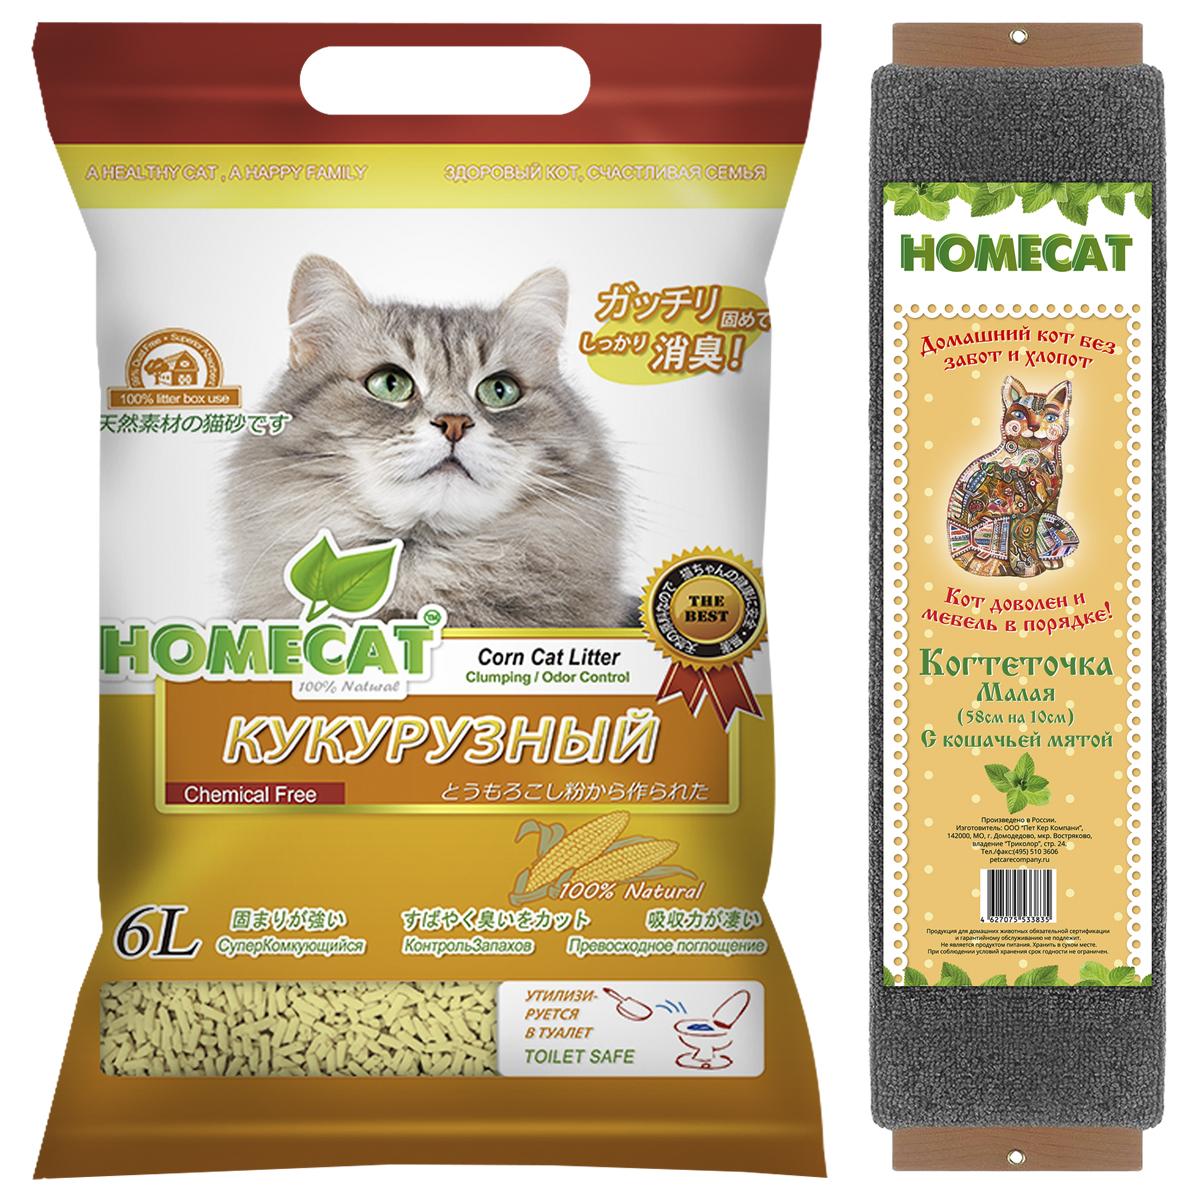 Наполнитель комкующийся HomeCat Эколайн. Кукурузный, 6 л + когтеточка HomeCat65417Наполнитель HomeCat - экологически чистый, безопасный и на 100% биоразлагаемый, изготовленный из растительного сырья комкующийся наполнитель для кошачьих туалетов. С повышенной способностью водопоглощения и блокирования запаха. Безопасен для животного и человека. Поддерживает чистоту кошачьего туалета длительное время, подавляет запах, предотвращает рост бактерий.Обладает повышенным абсорбирующими свойствами, отлично удерживает влагу и запах внутри комка. Легкое удаление комков. Сверхнизкое содержание пыли. Натуральное сырье характеризуется приятной мягкостью и максимальным отсутствием пыли, обеспечивает приятные ощущения для кошачьих лап и органов дыхания. При производстве используется термообработка для уничтожения вредных микроорганизмов. Проходит несколько тестов безопасности. Добавление натуральных ароматизаторов позволяет долго поддерживать приятный аромат наполнителя. Вакуумная упаковка предотвращает появление бактерий и микроорганизмов. Сверхбыстрое образование комка, который...